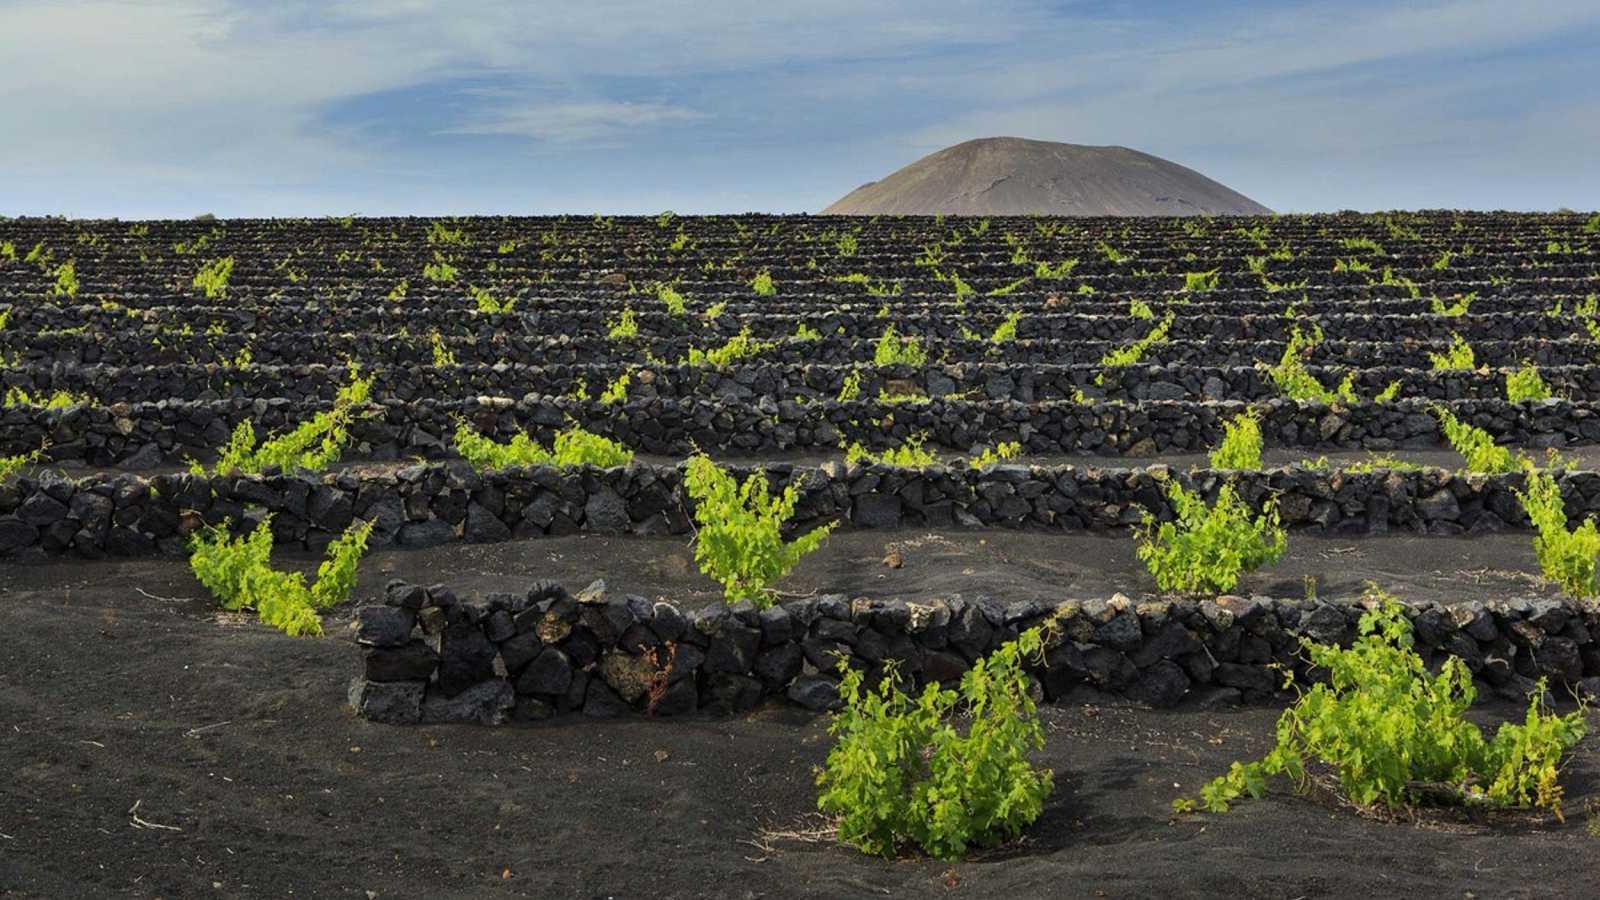 Turismo en comunidad - El potencial enoturístico de Gran Canaria - 01/08/18 - escuchar ahora